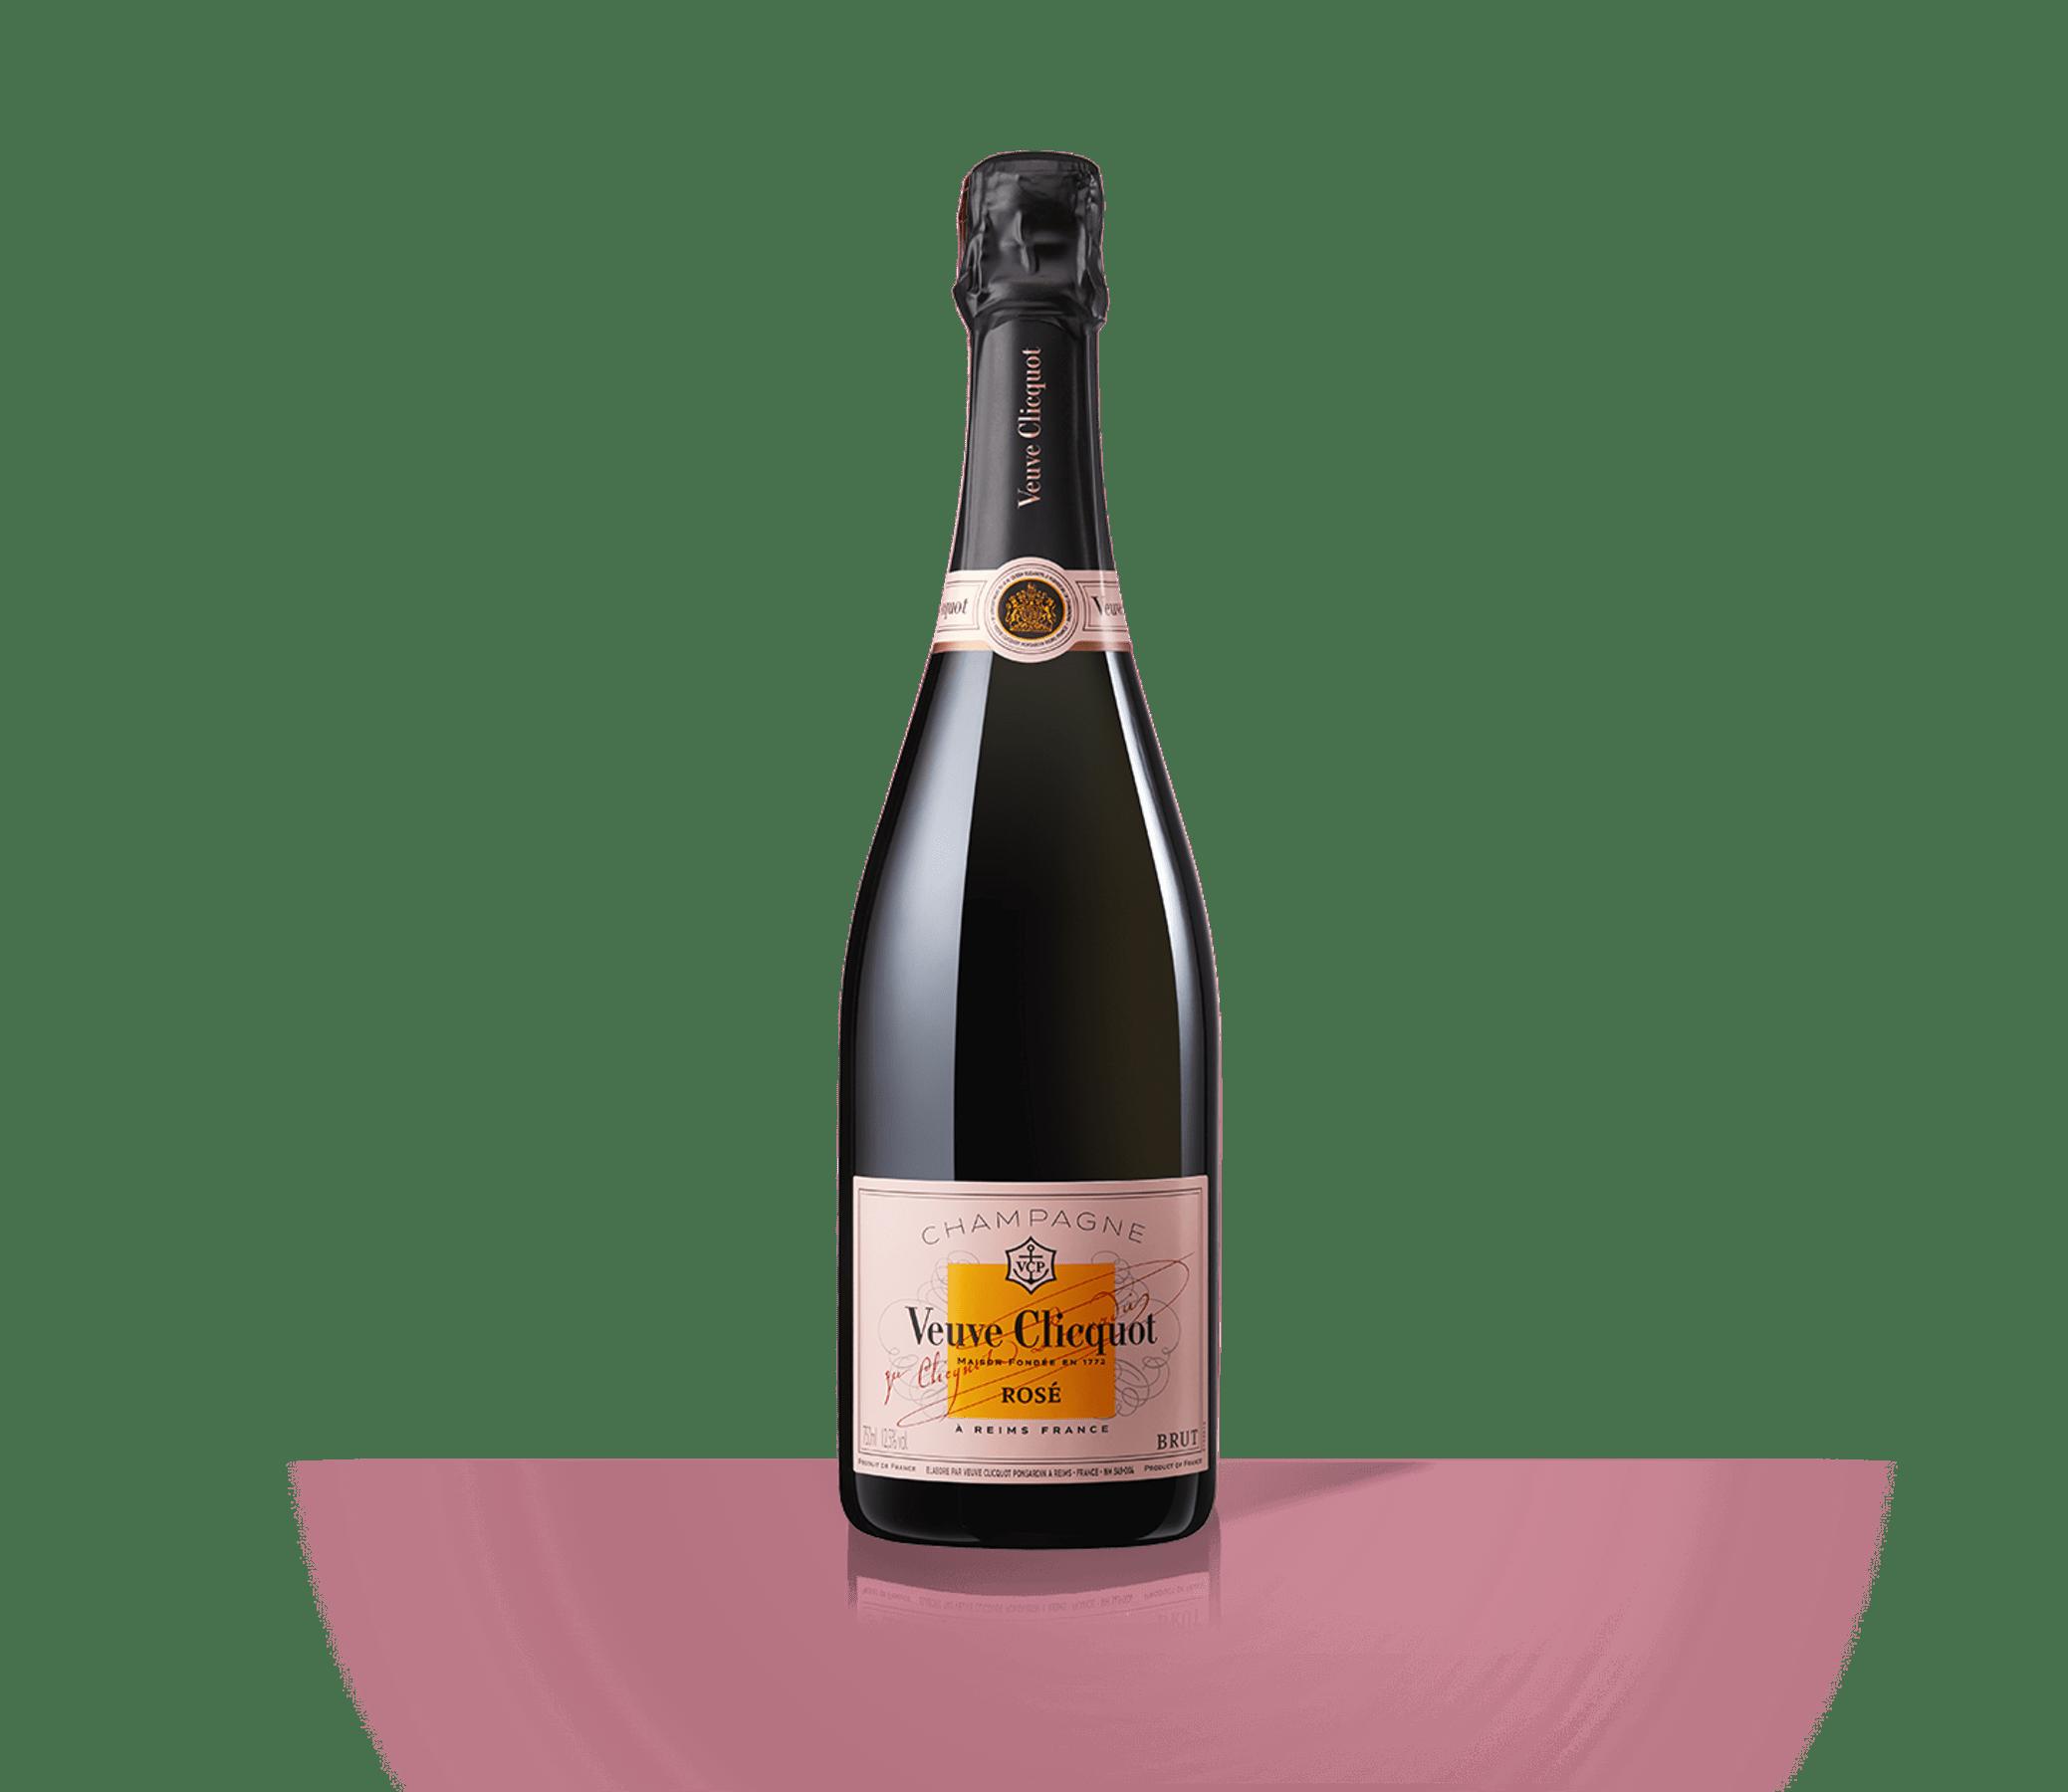 Bottiglia Veuve Clicquot Champagne Rosé